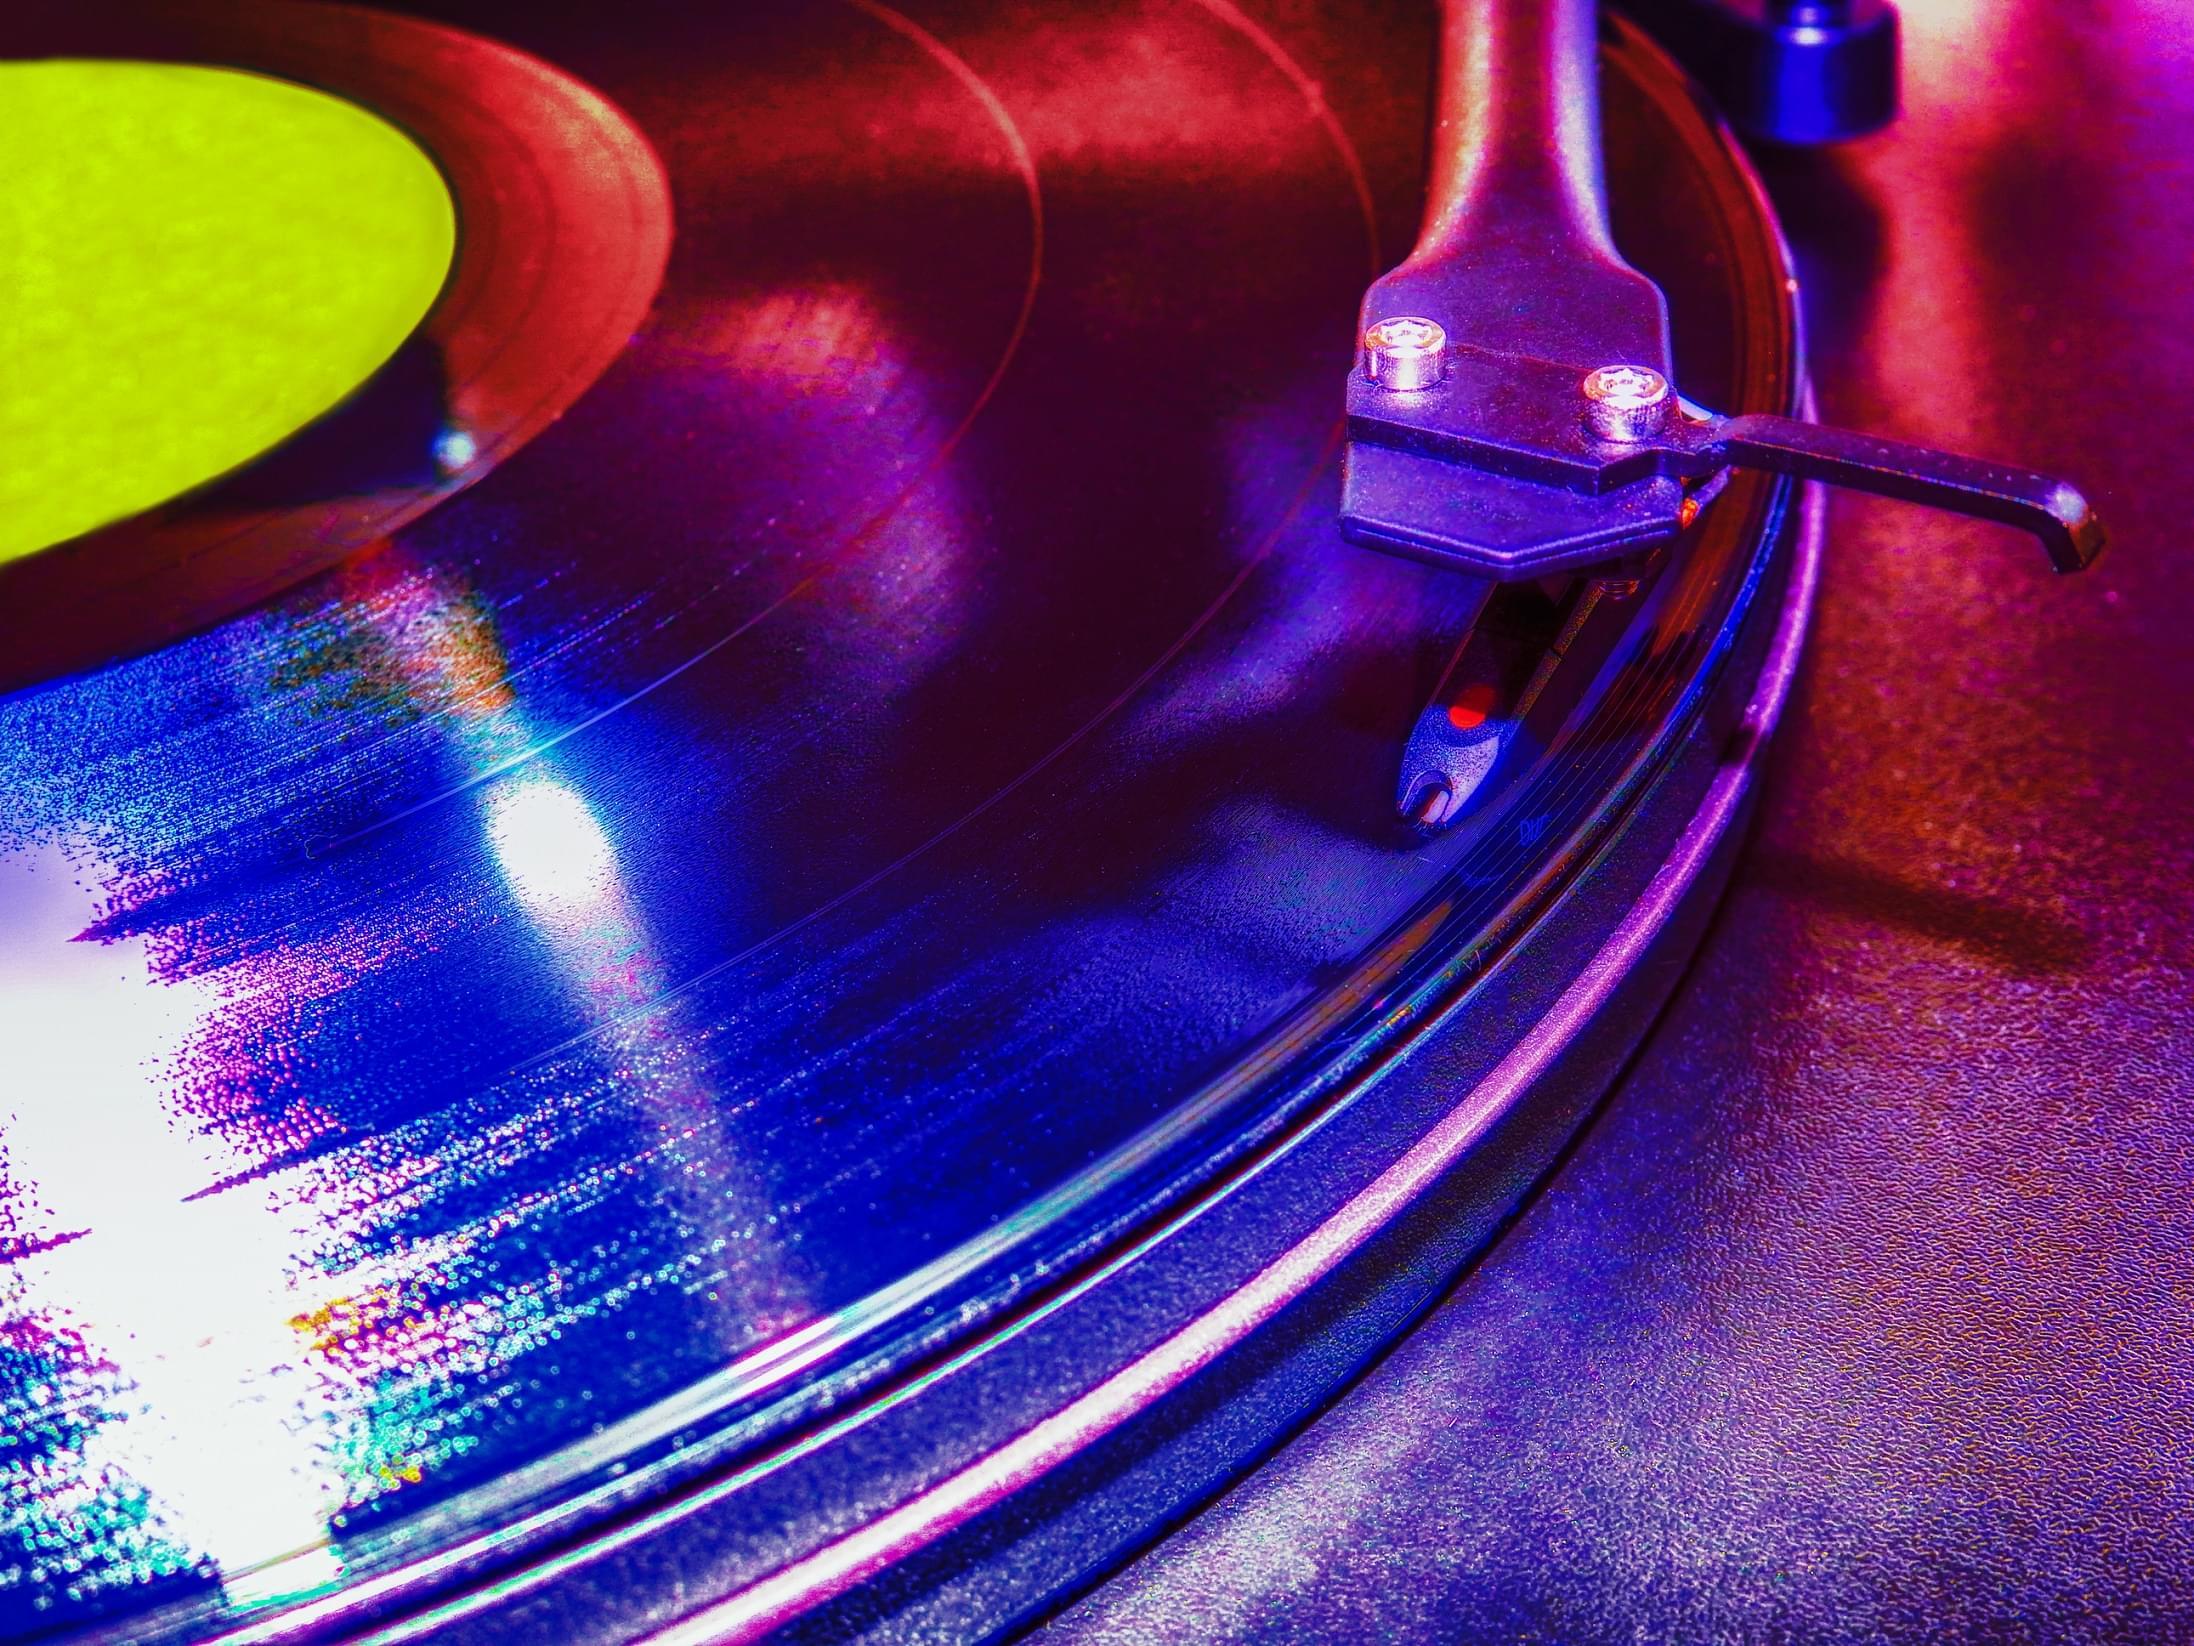 New Music On The Way From Van Halen (Wolfgang Van Halen, That Is)